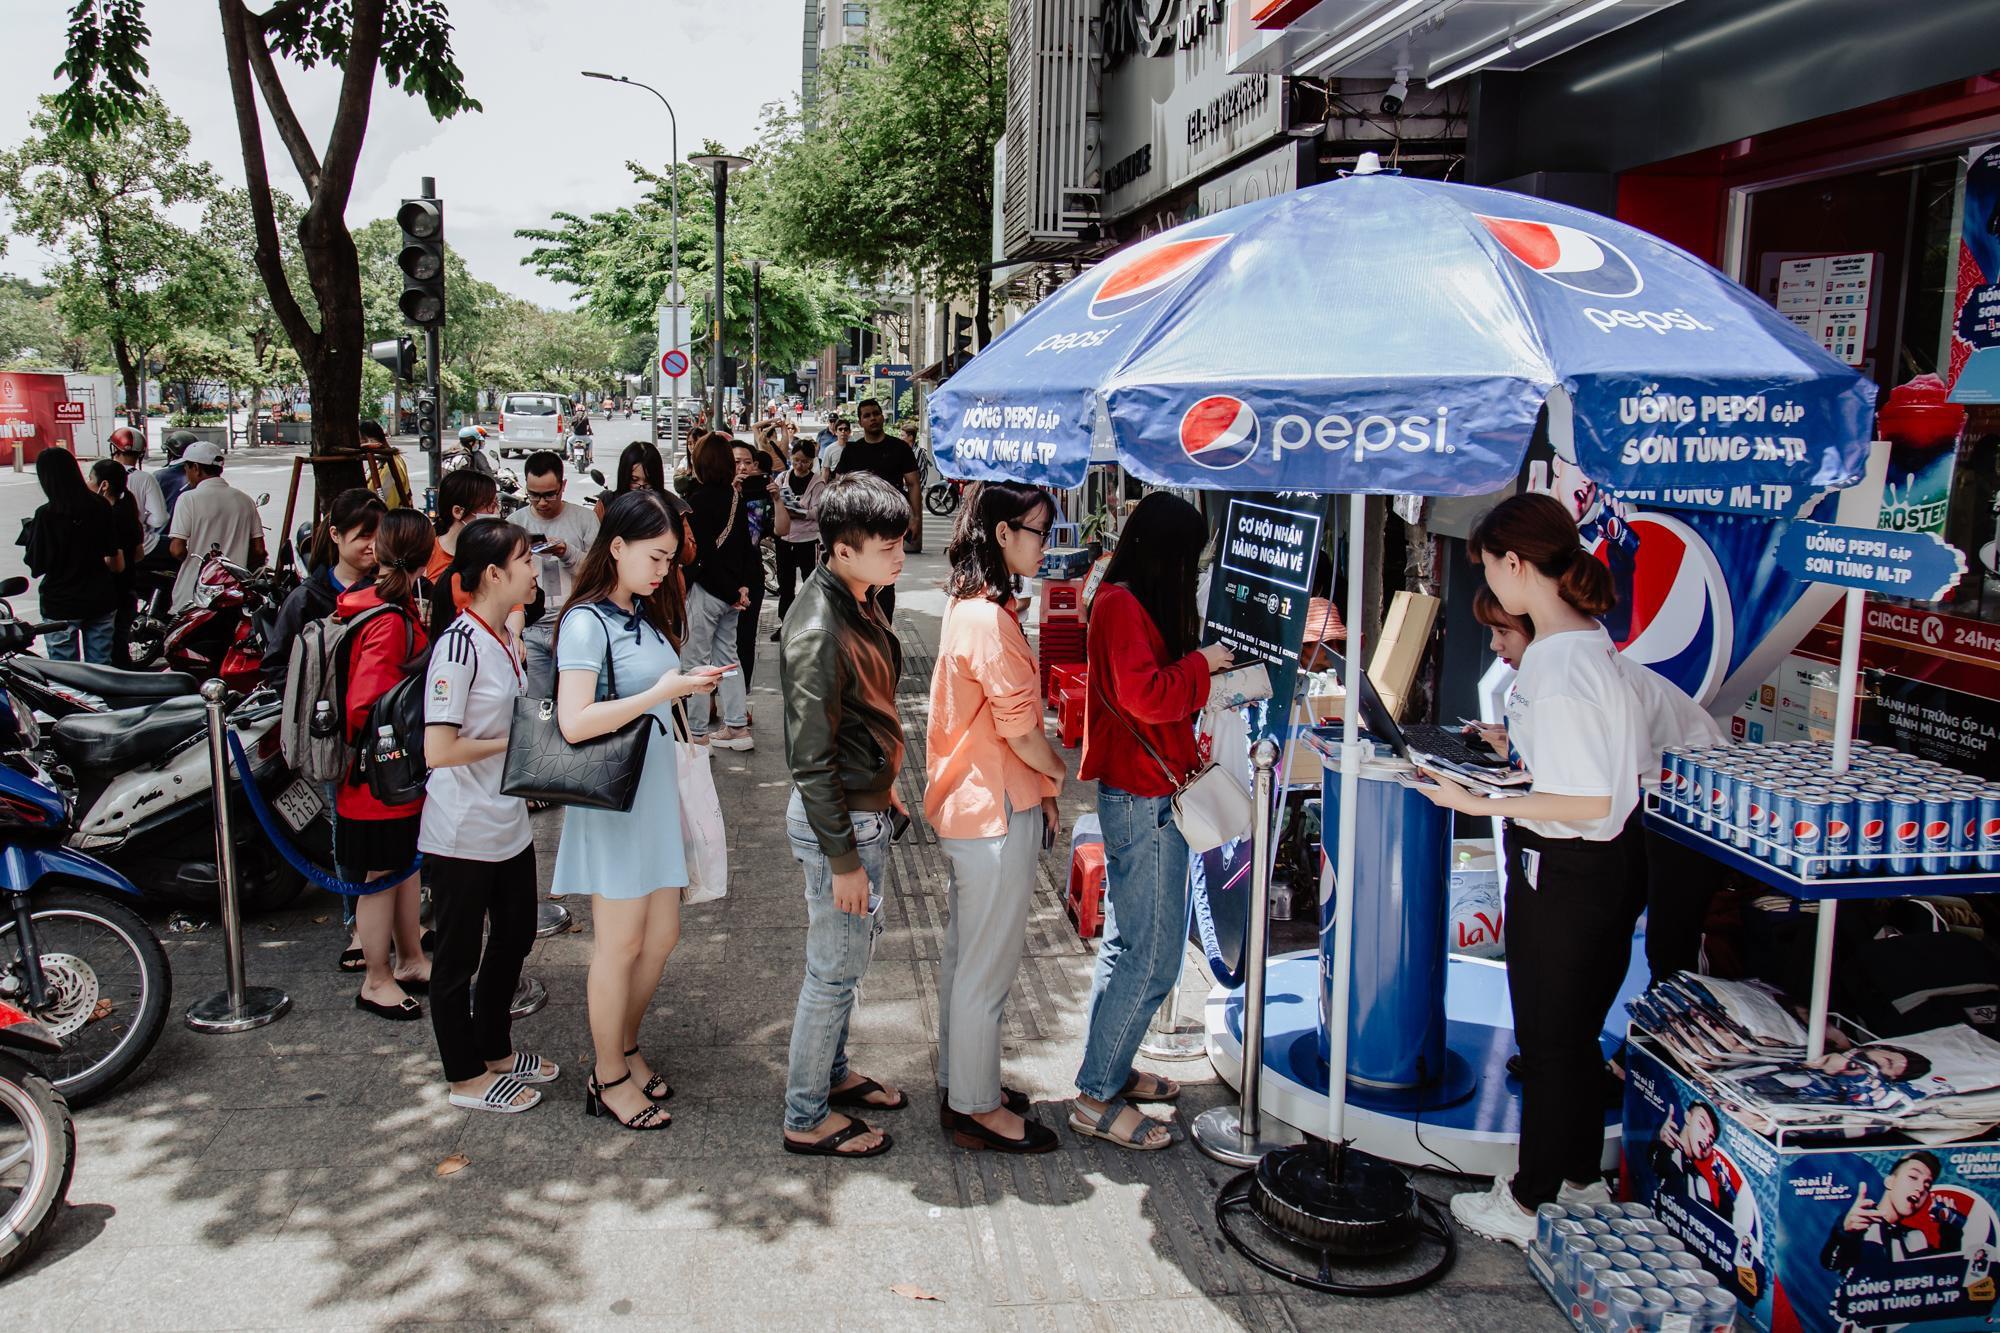 Mặc trời nắng oi ả, hàng trăm bạn trẻ Sài thành kiên nhẫn xếp hàng đổi vé Sky Tour - Ảnh 1.